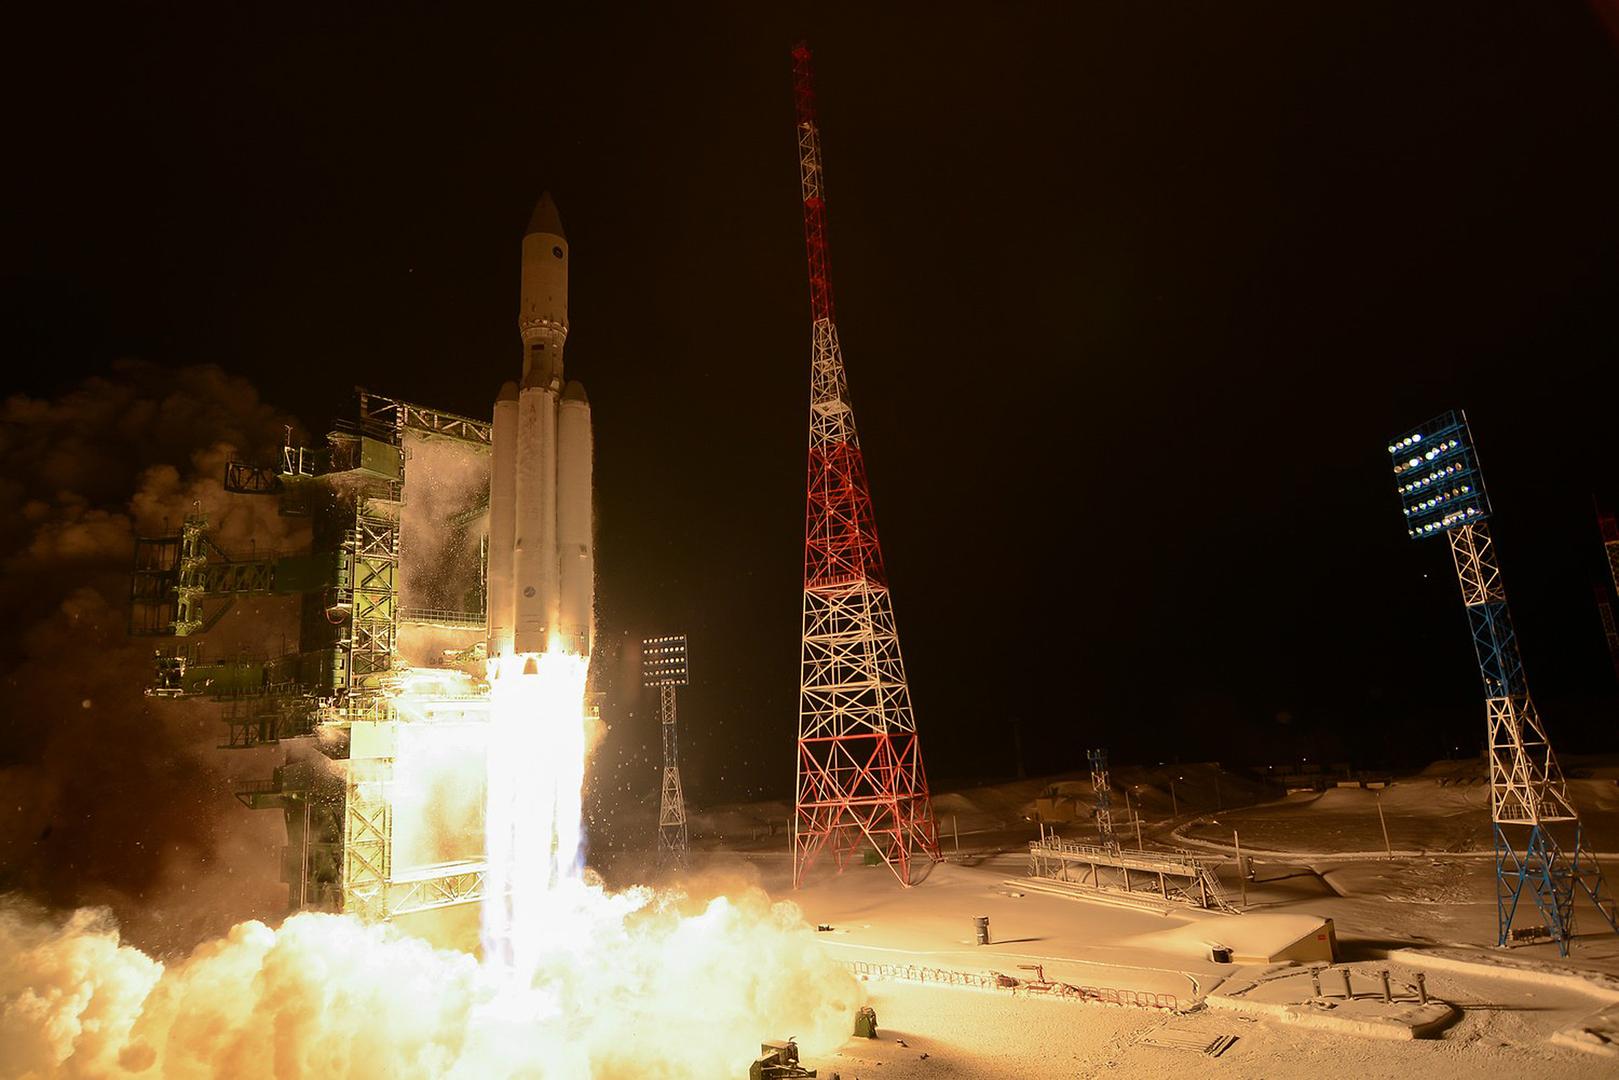 الوكالة الفضائية الروسية: توجه لتطوير صاروخ